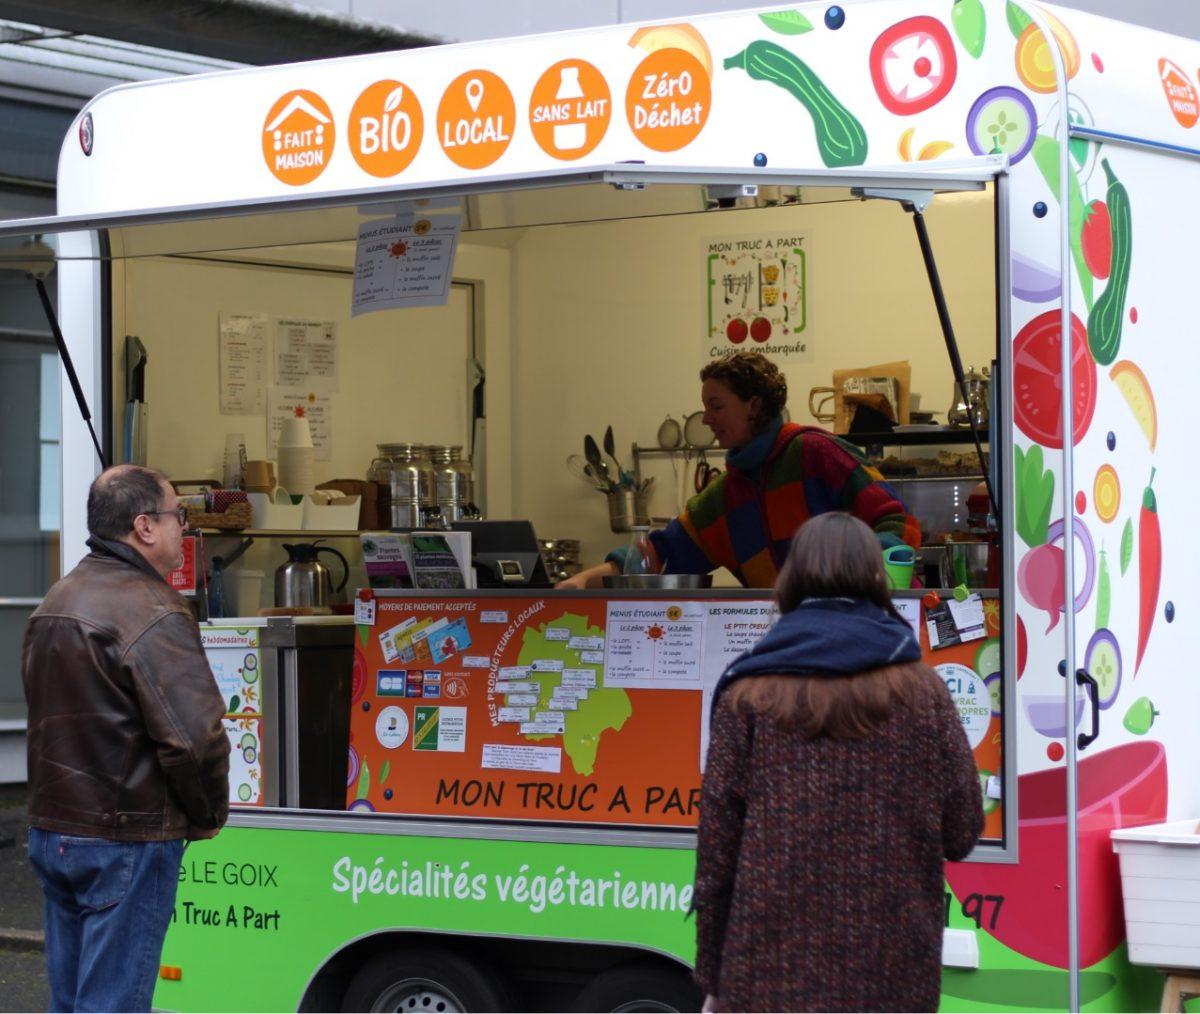 Foodtruck écolo : Adeline Le Goix fait «son truc à part»